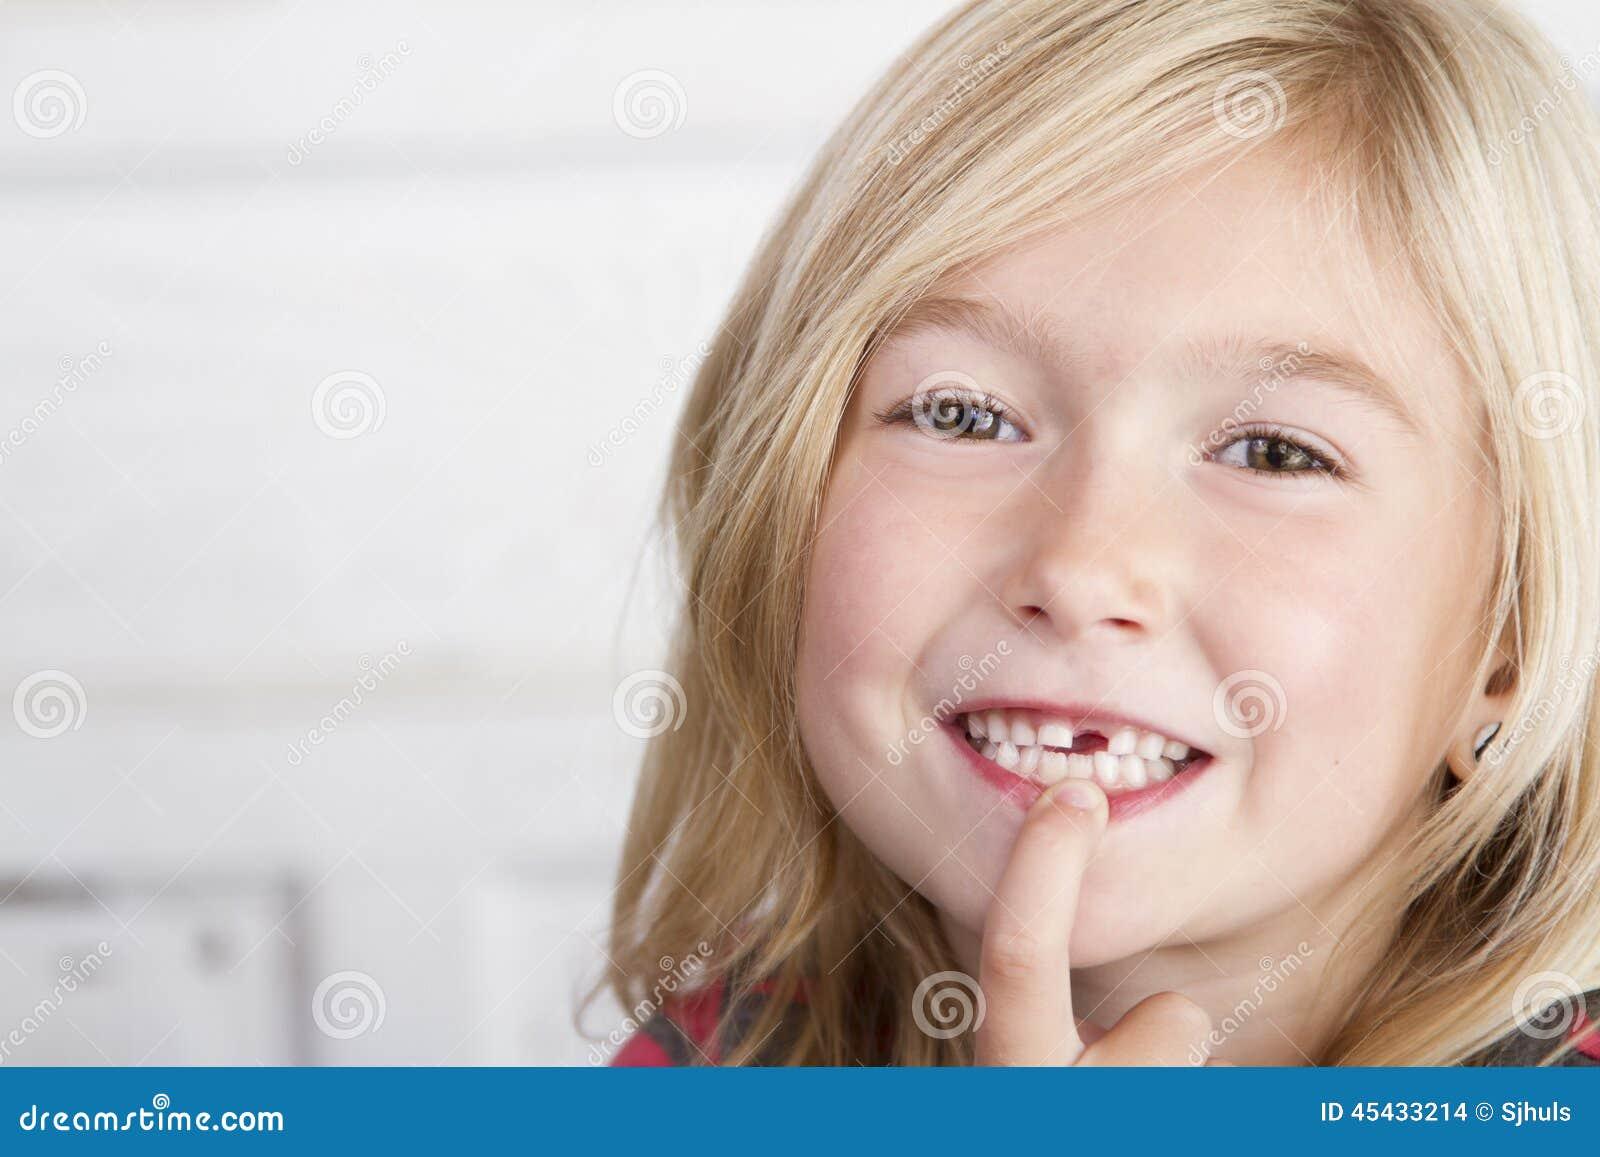 Criança que falta o dente anterior